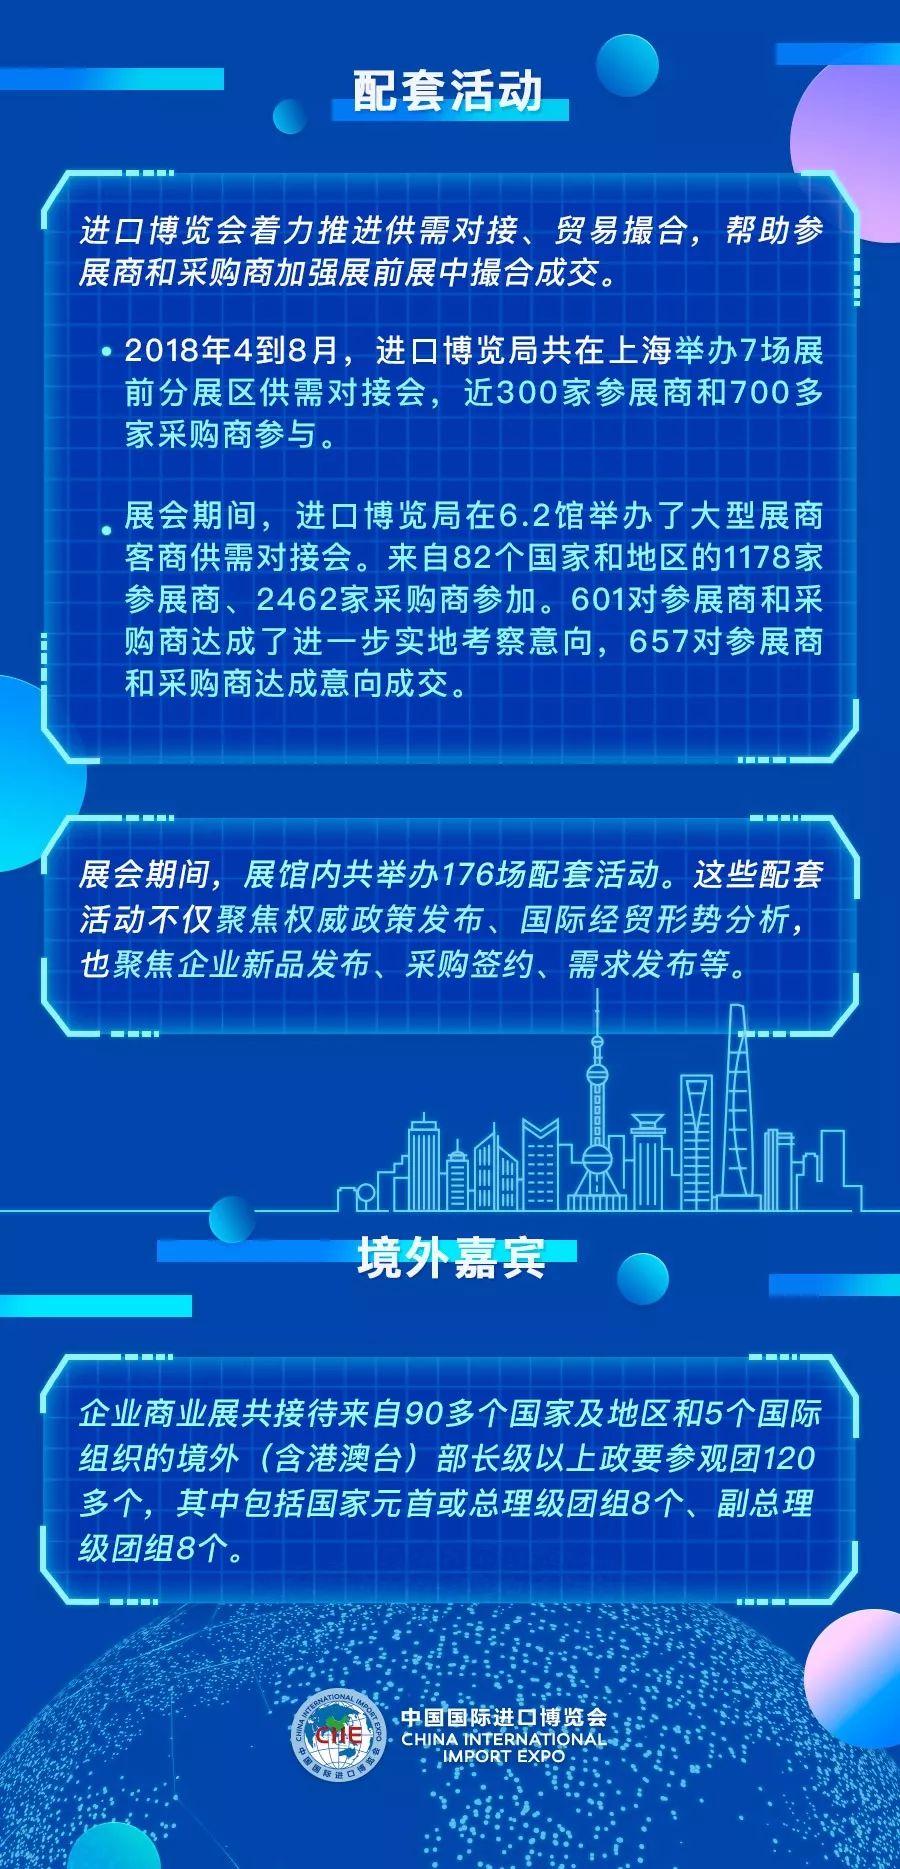 2018首届进博会企业商业展展后报告出炉